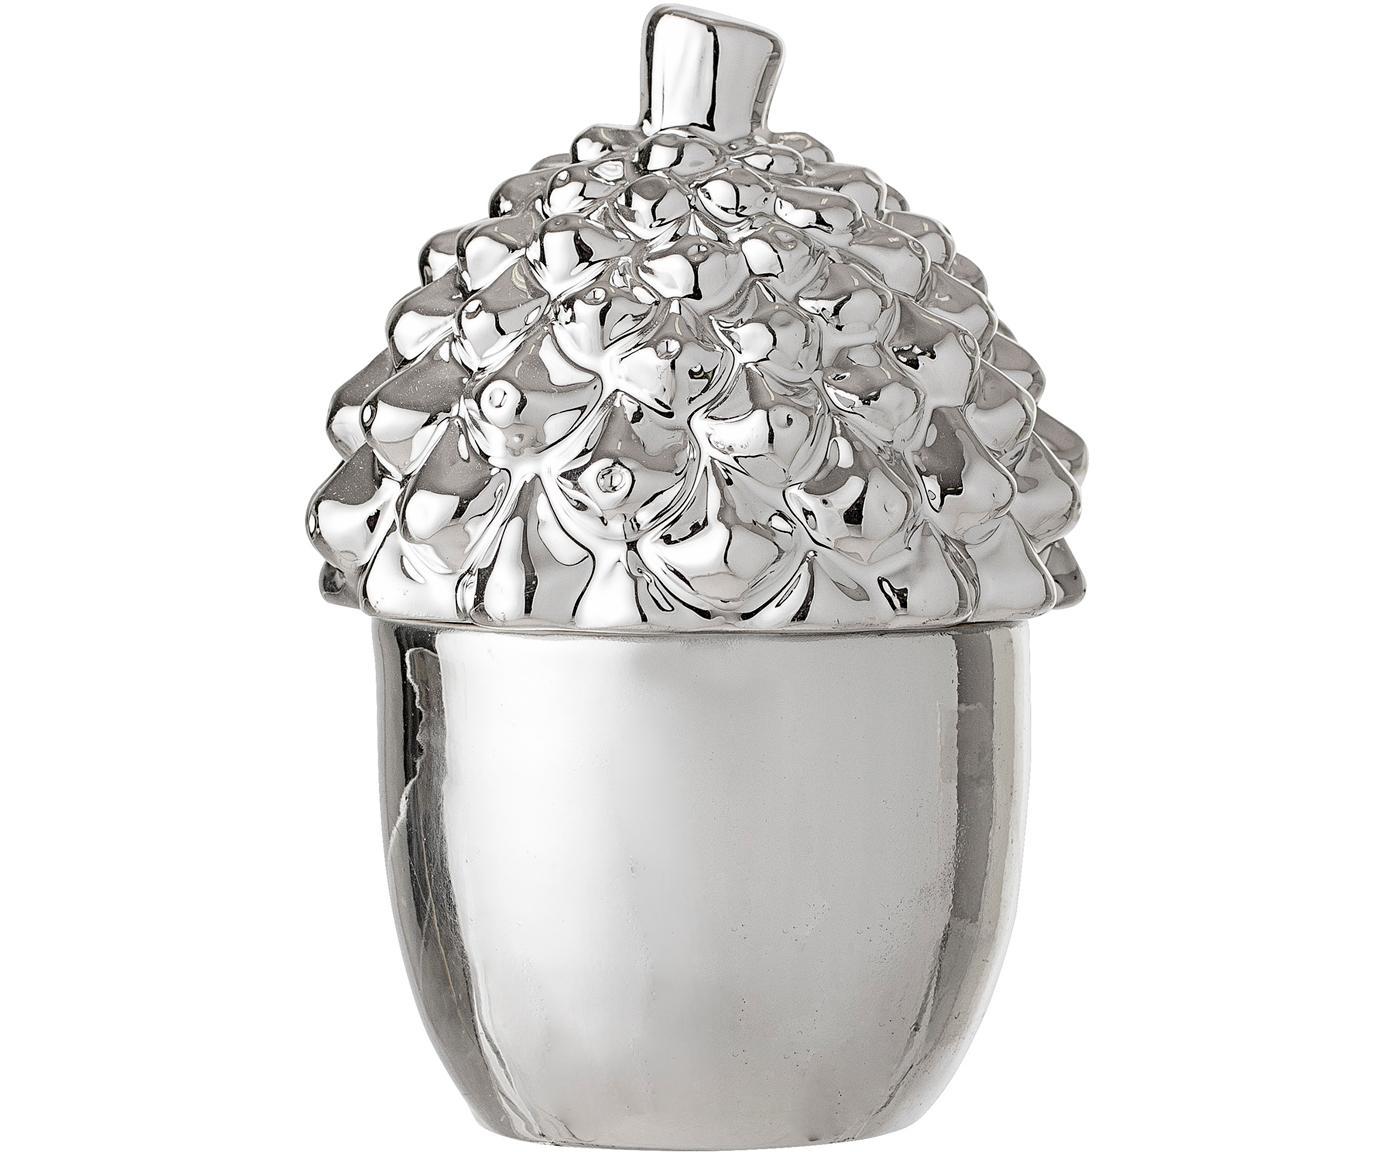 Pojemnik do przechowywania Pinecone, Kamionka, Odcienie srebrnego, Ø 8 x W 12 cm